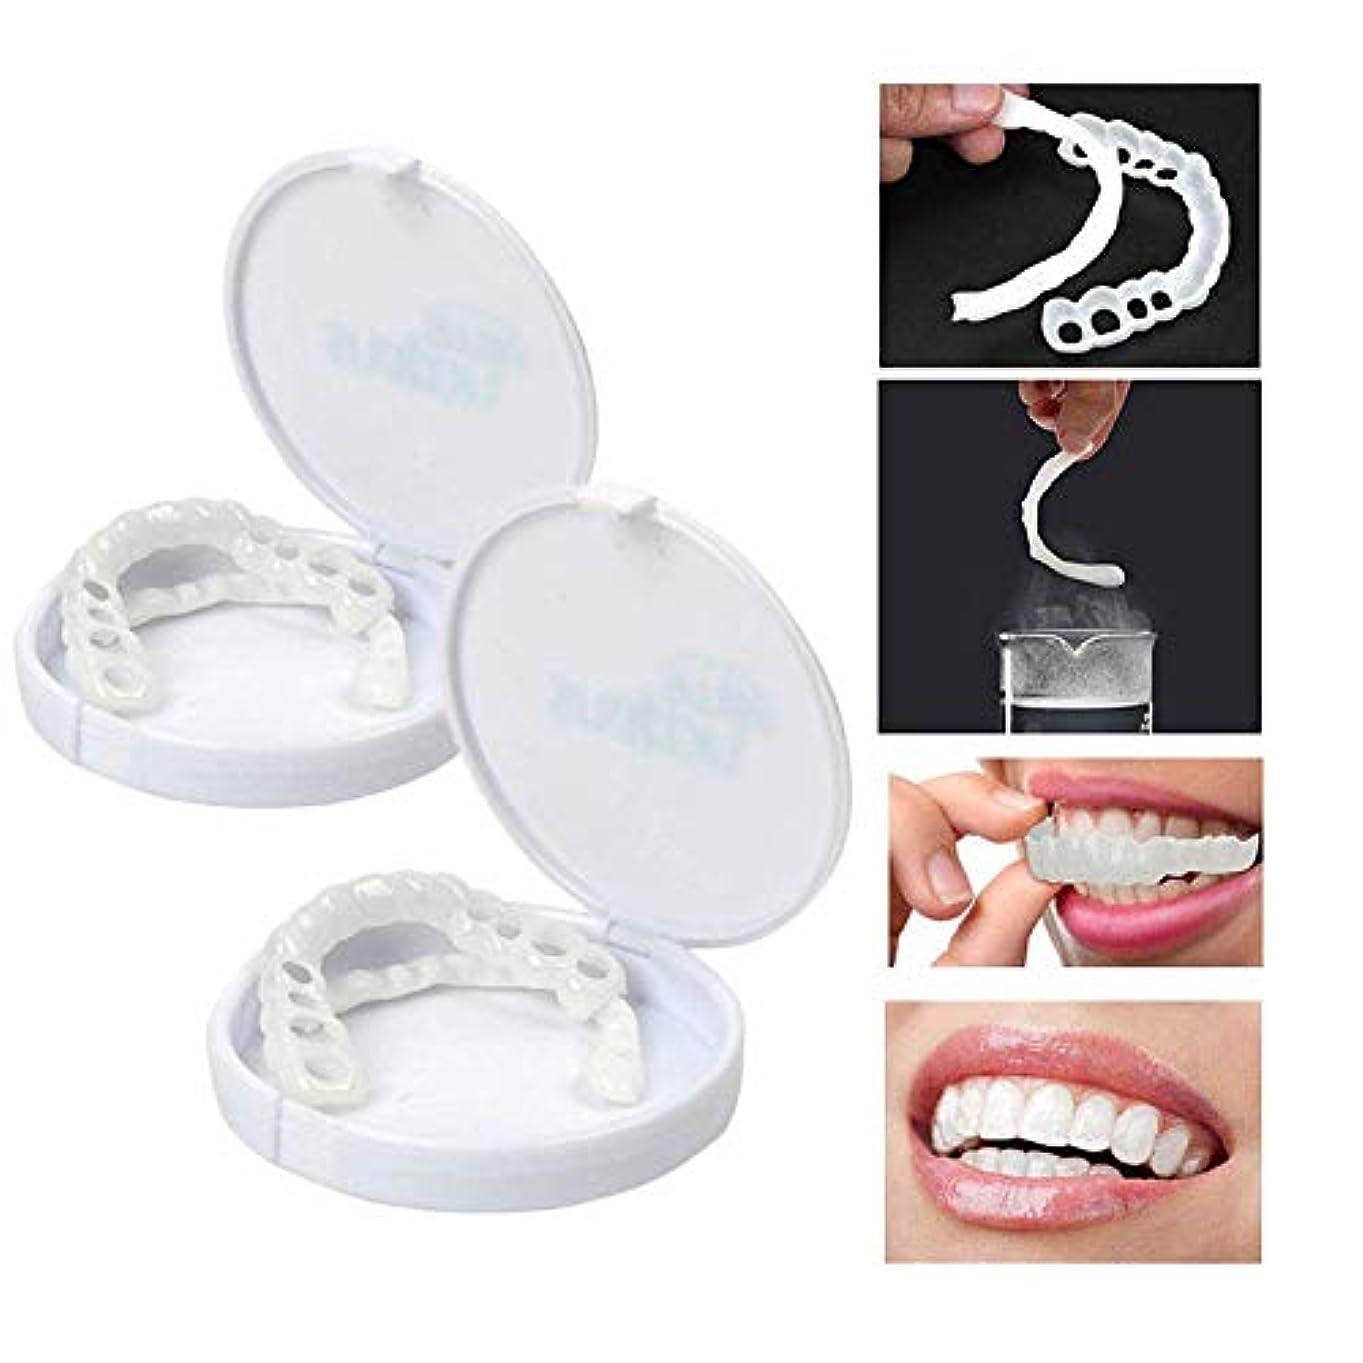 魔術師地獄一緒に2組歯のベニヤブレース、歯のフープ屋根付き歯の下のザティースフープのブレース、ビューティーブレース、歯科用化粧品デンタルベニア